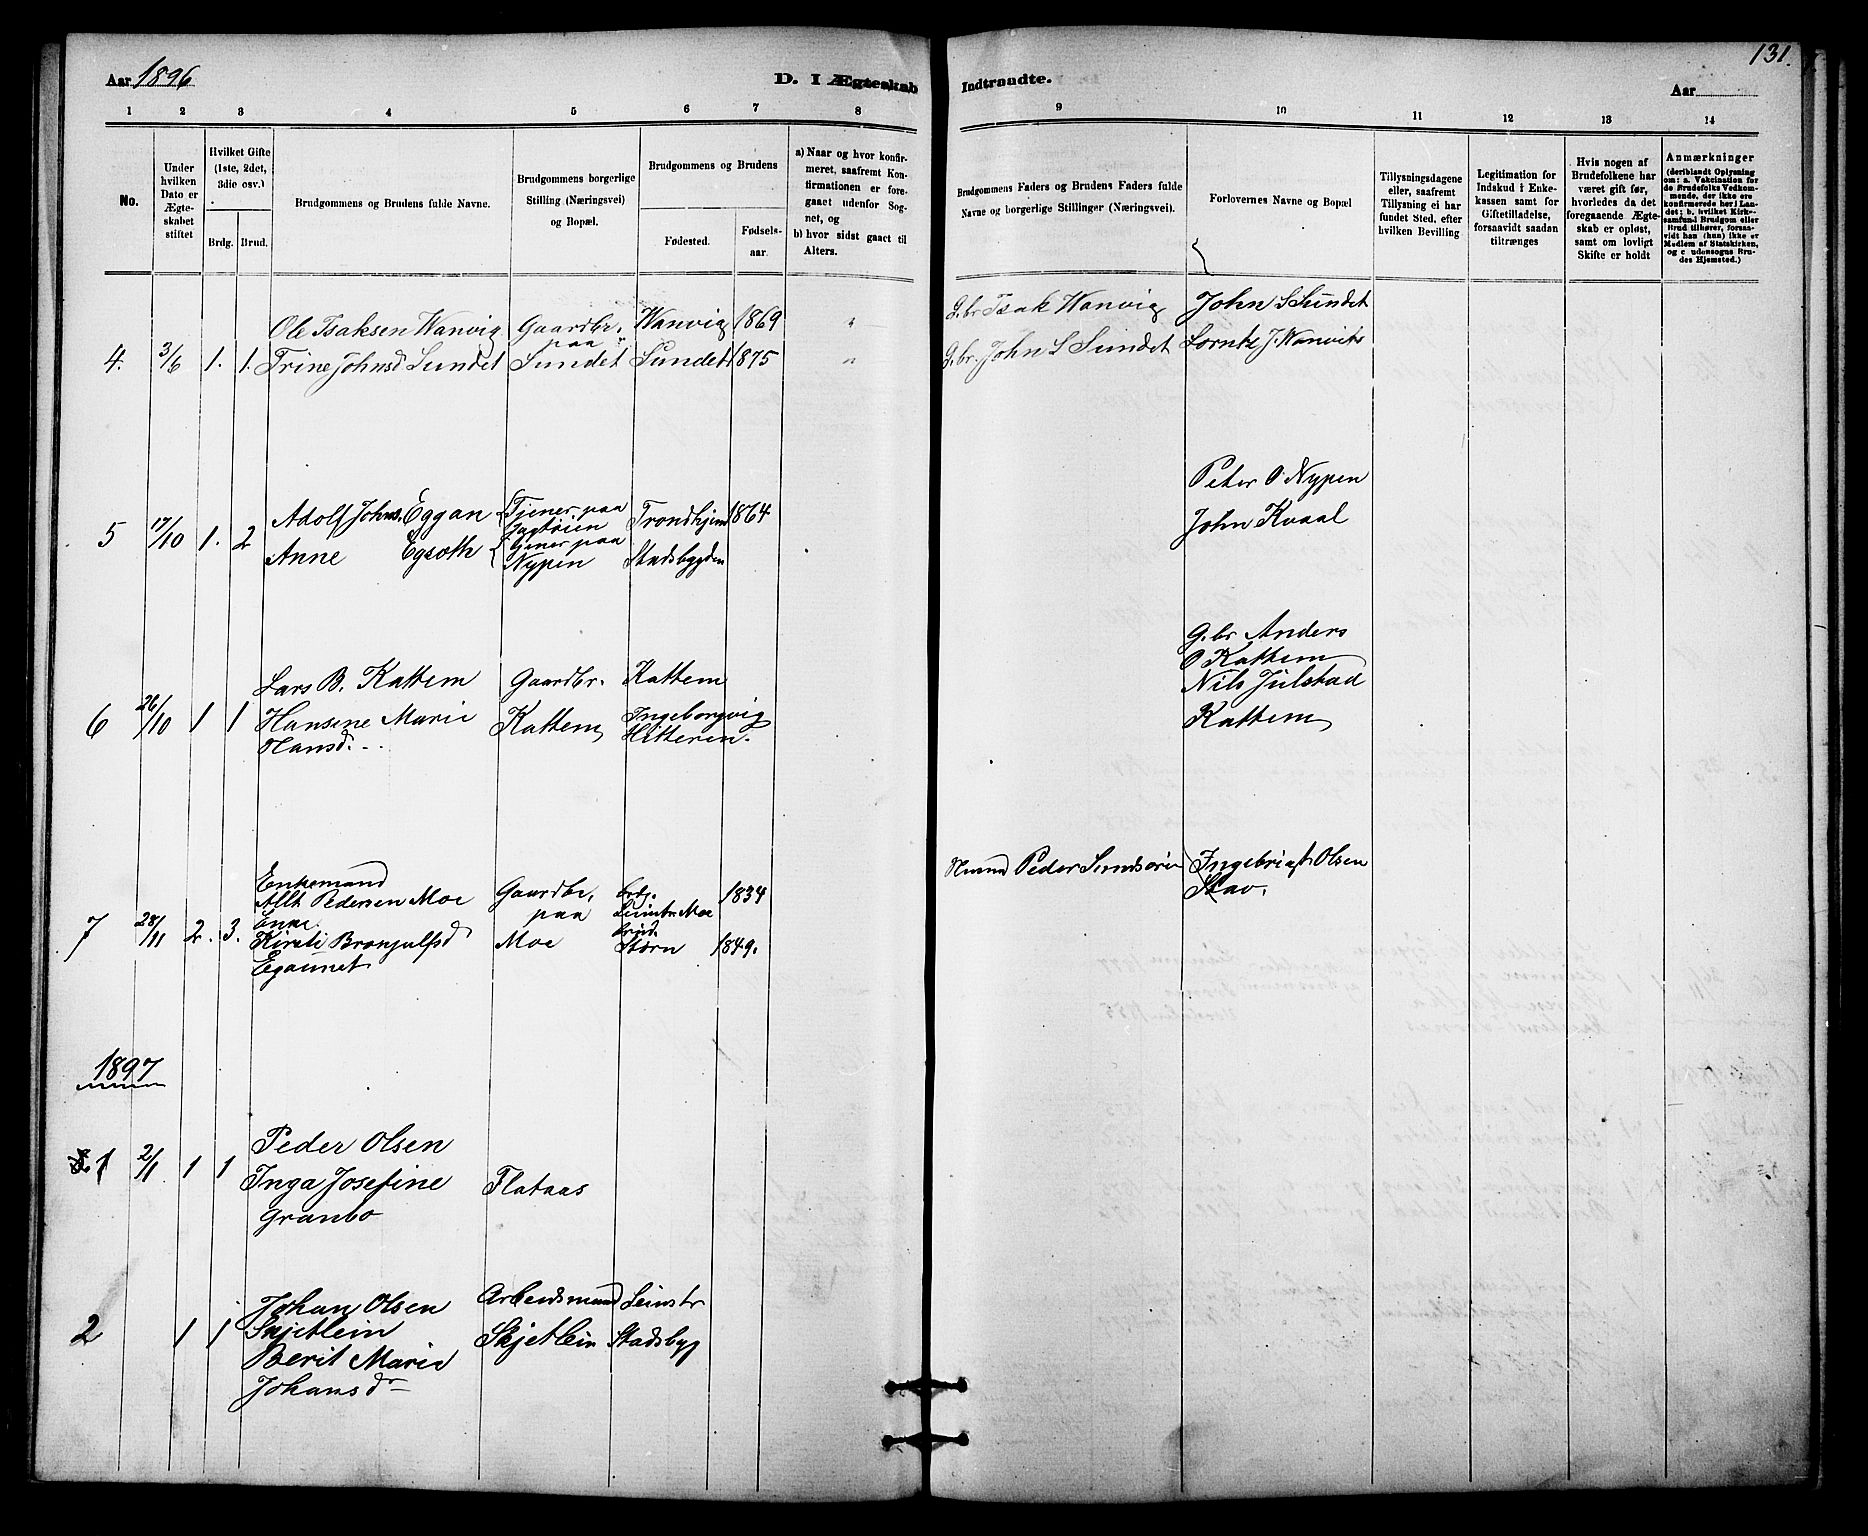 SAT, Ministerialprotokoller, klokkerbøker og fødselsregistre - Sør-Trøndelag, 613/L0395: Klokkerbok nr. 613C03, 1887-1909, s. 131